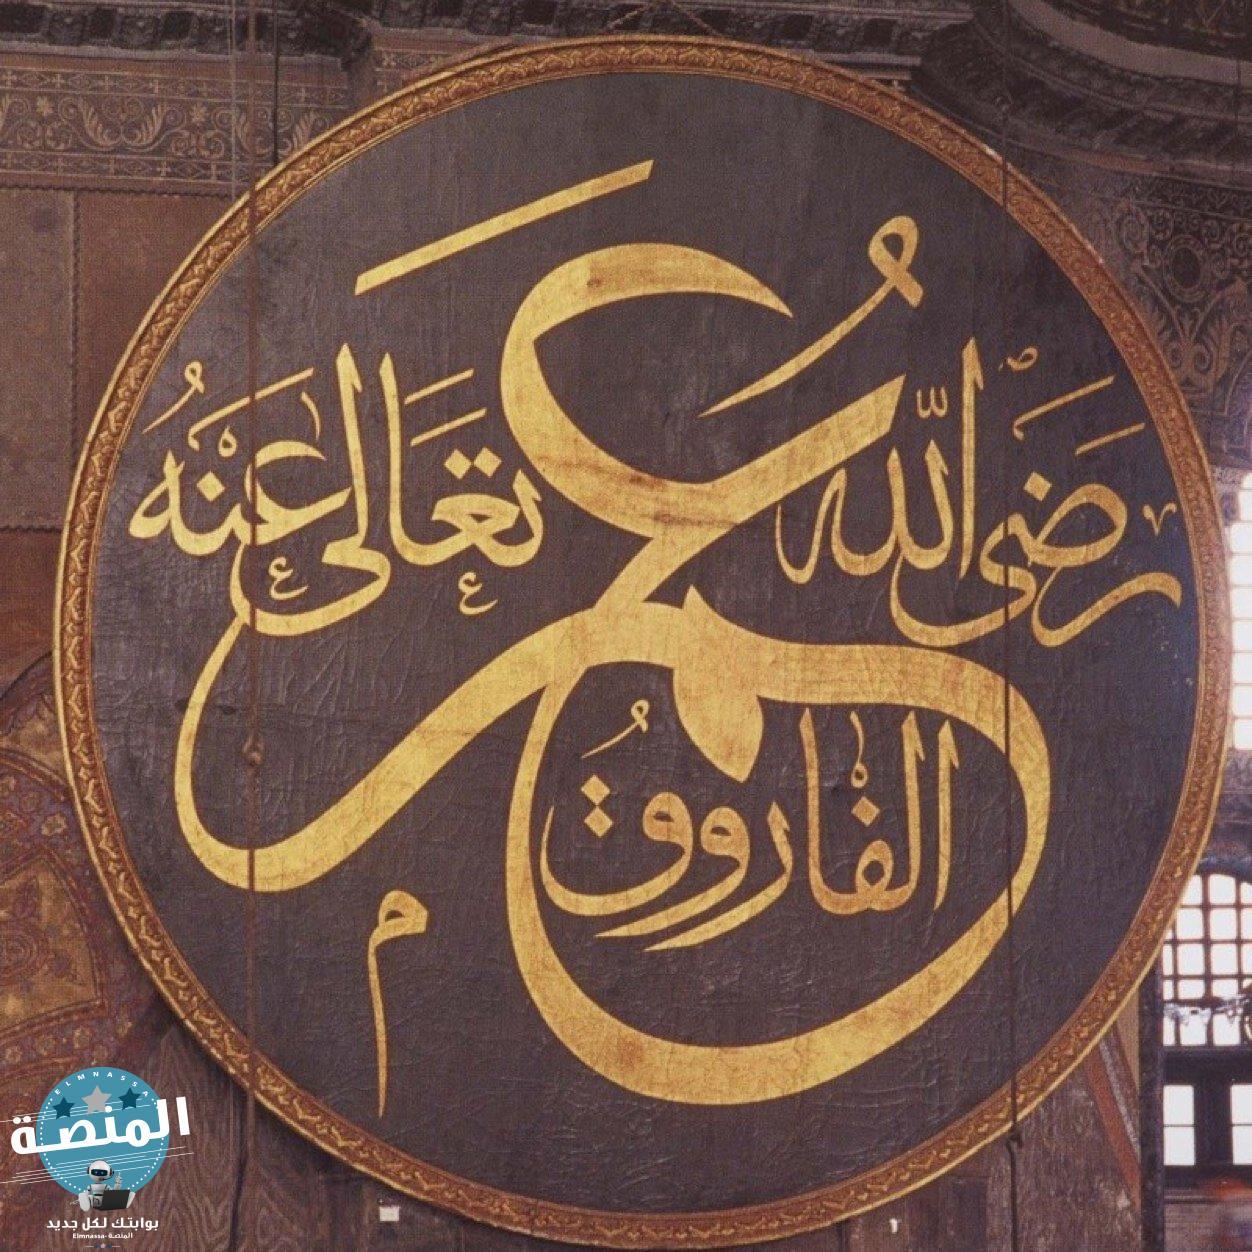 السورة التي أسلم بسببها عمر بن الخطاب